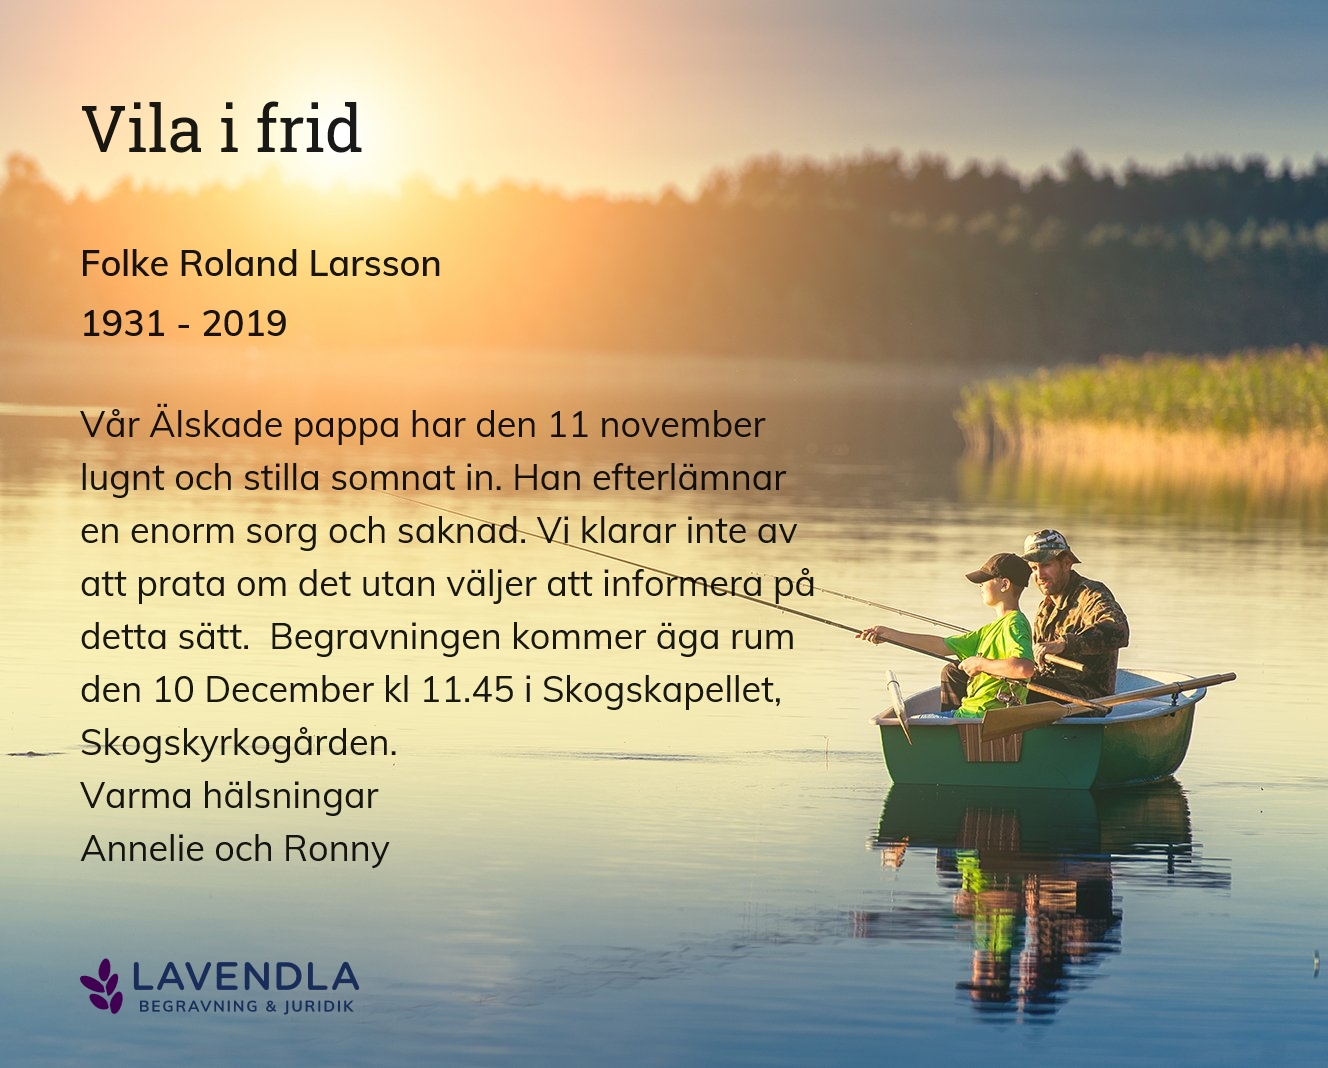 Inbjudningskort till ceremonin för Folke Roland Larsson